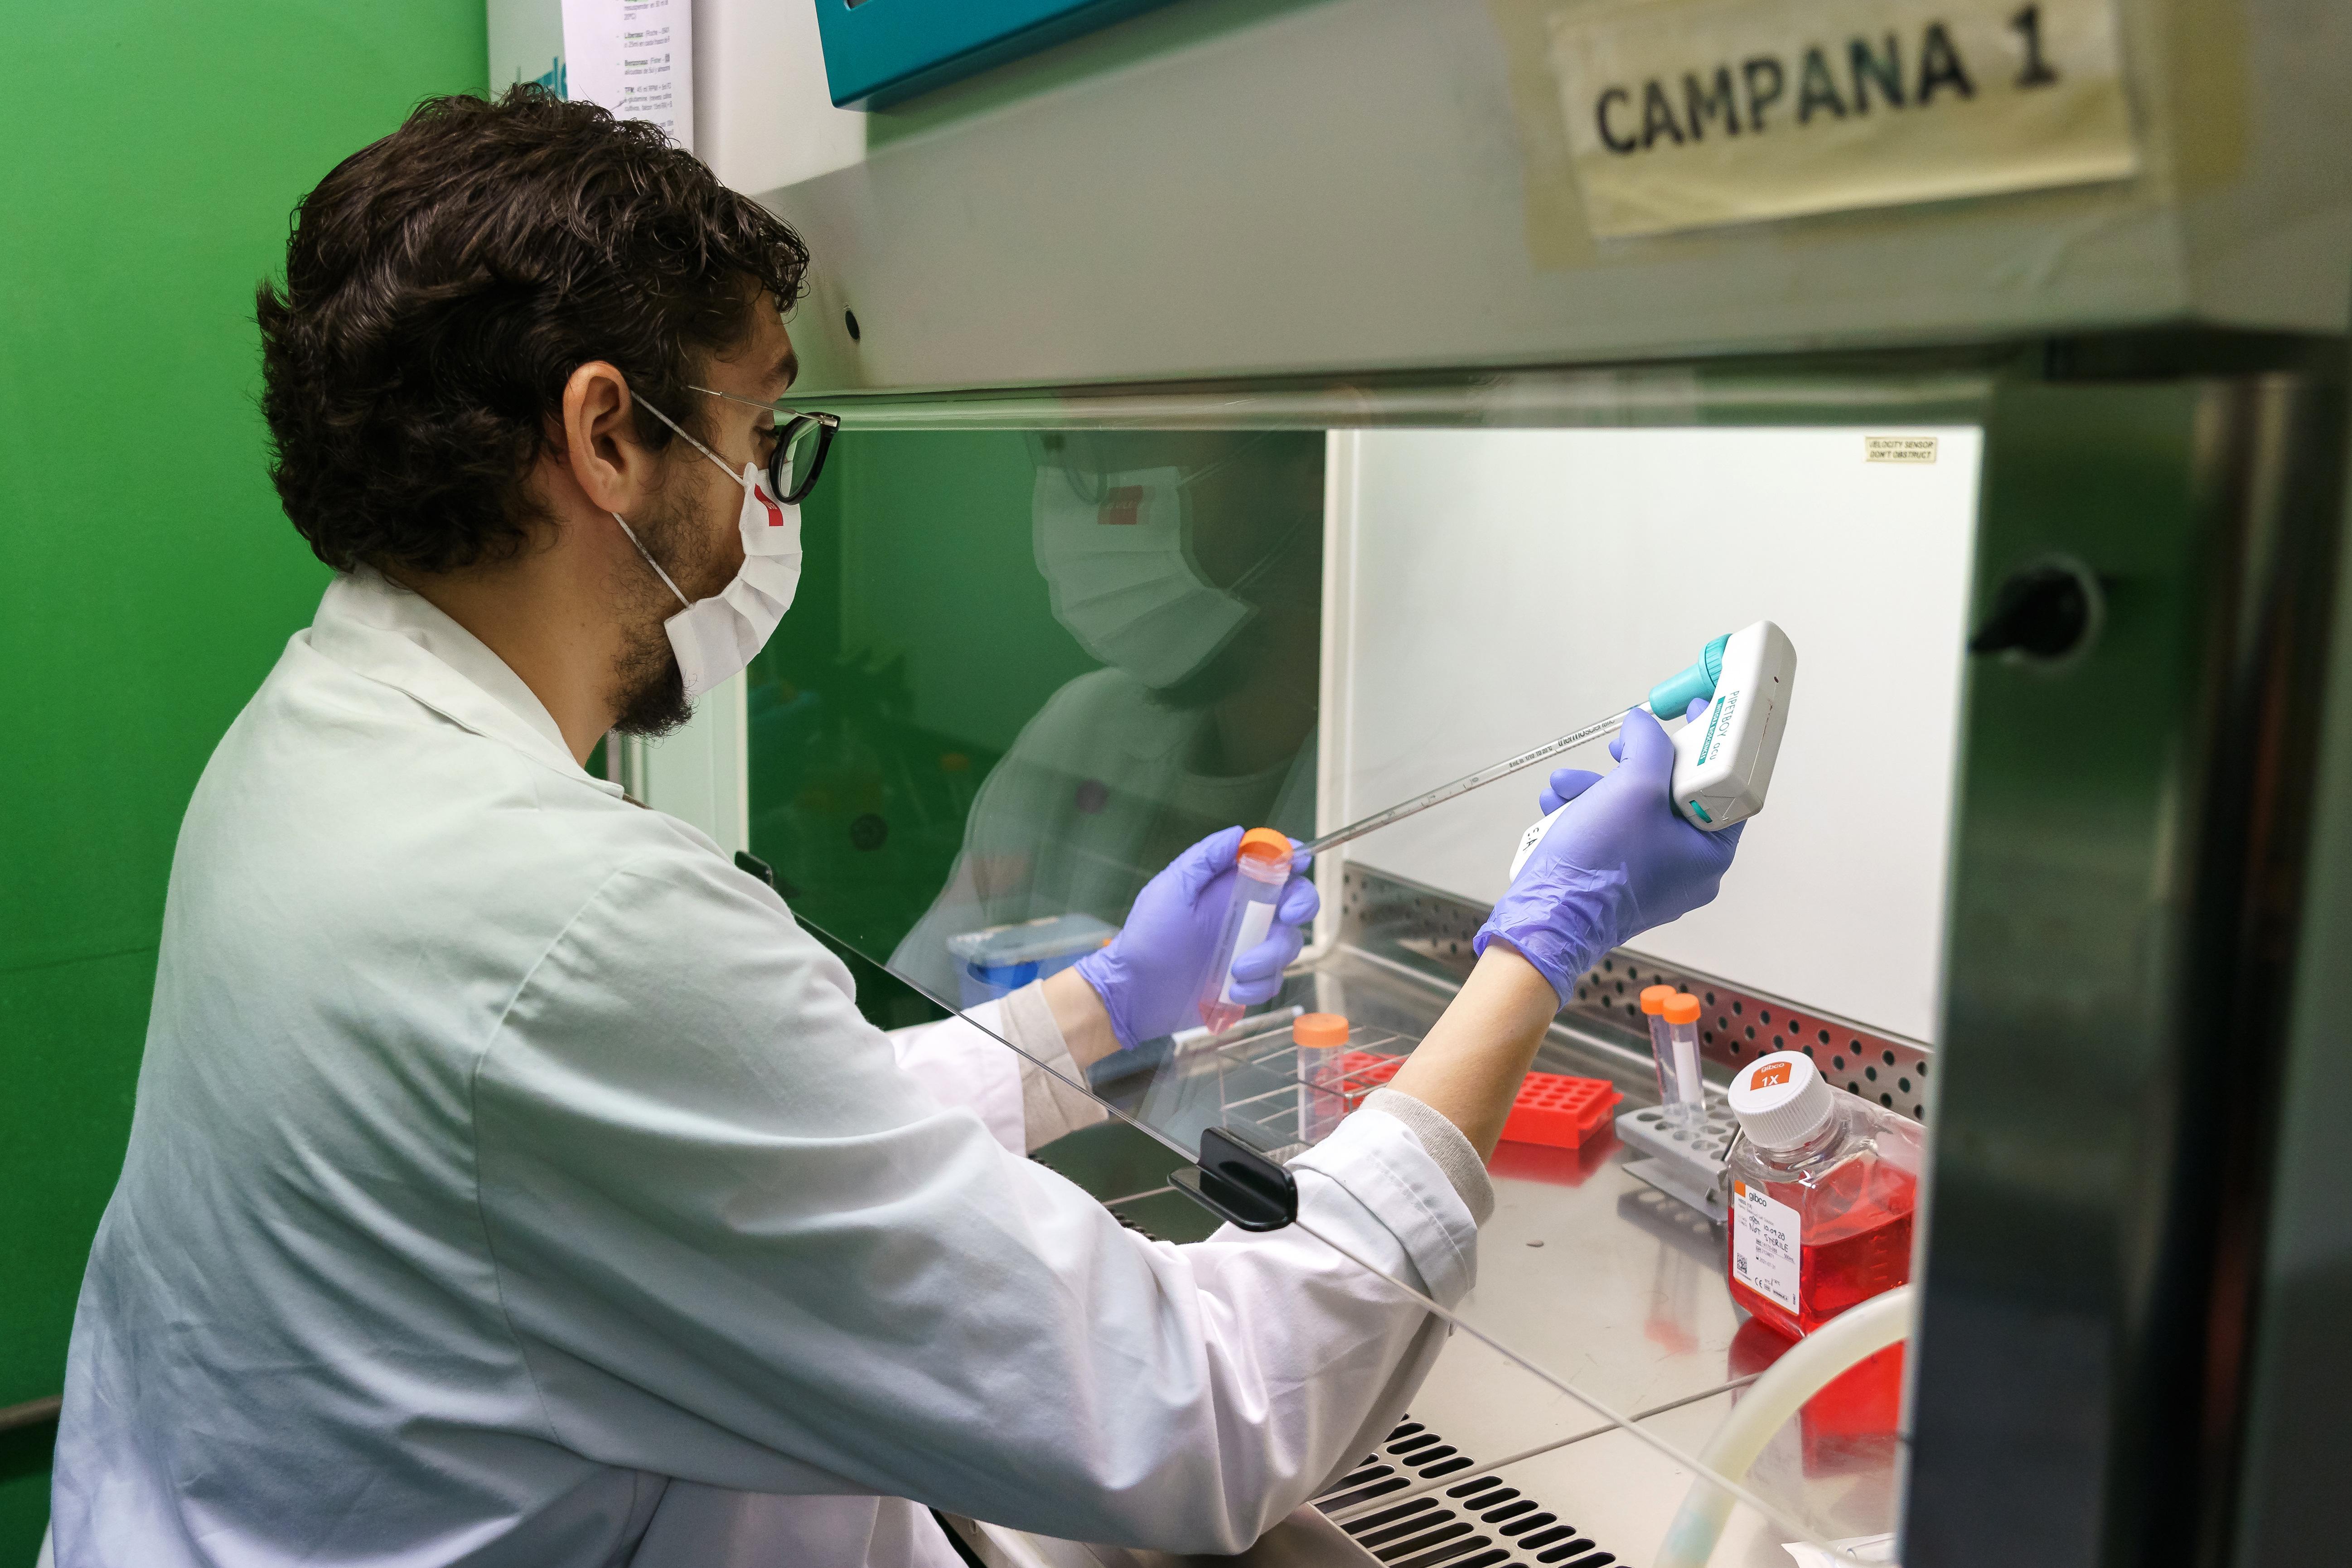 Aviones, hielo seco, farmacias: el enorme desafío logístico de vacunar contra el covid-19